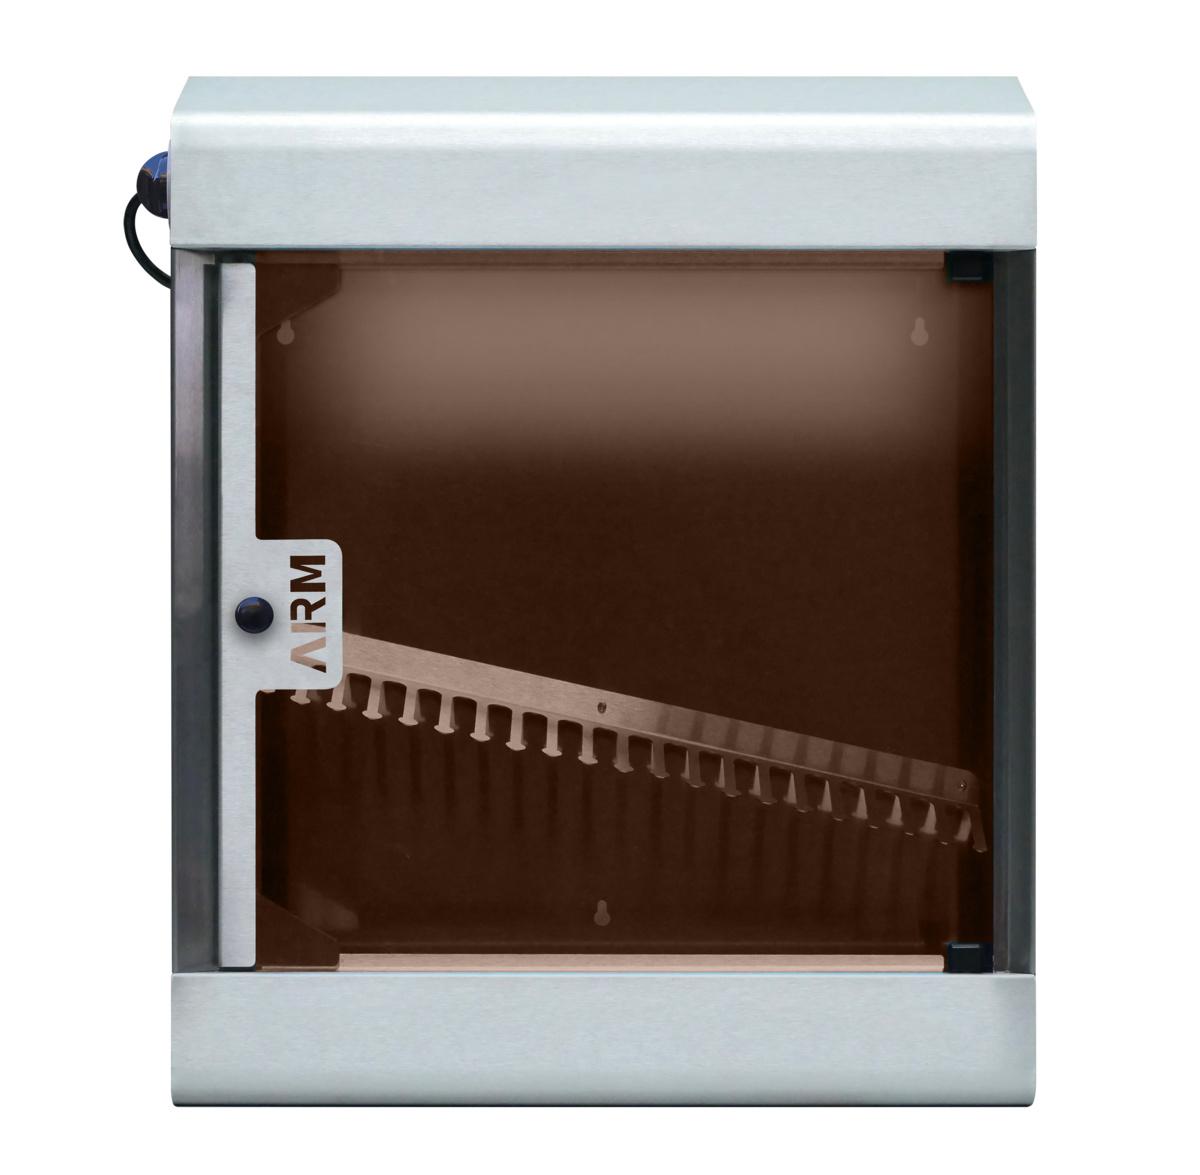 Armoire de stérilisation inox 60x51x12,50 cm basket 20 couteaux 15 W 230v Brc